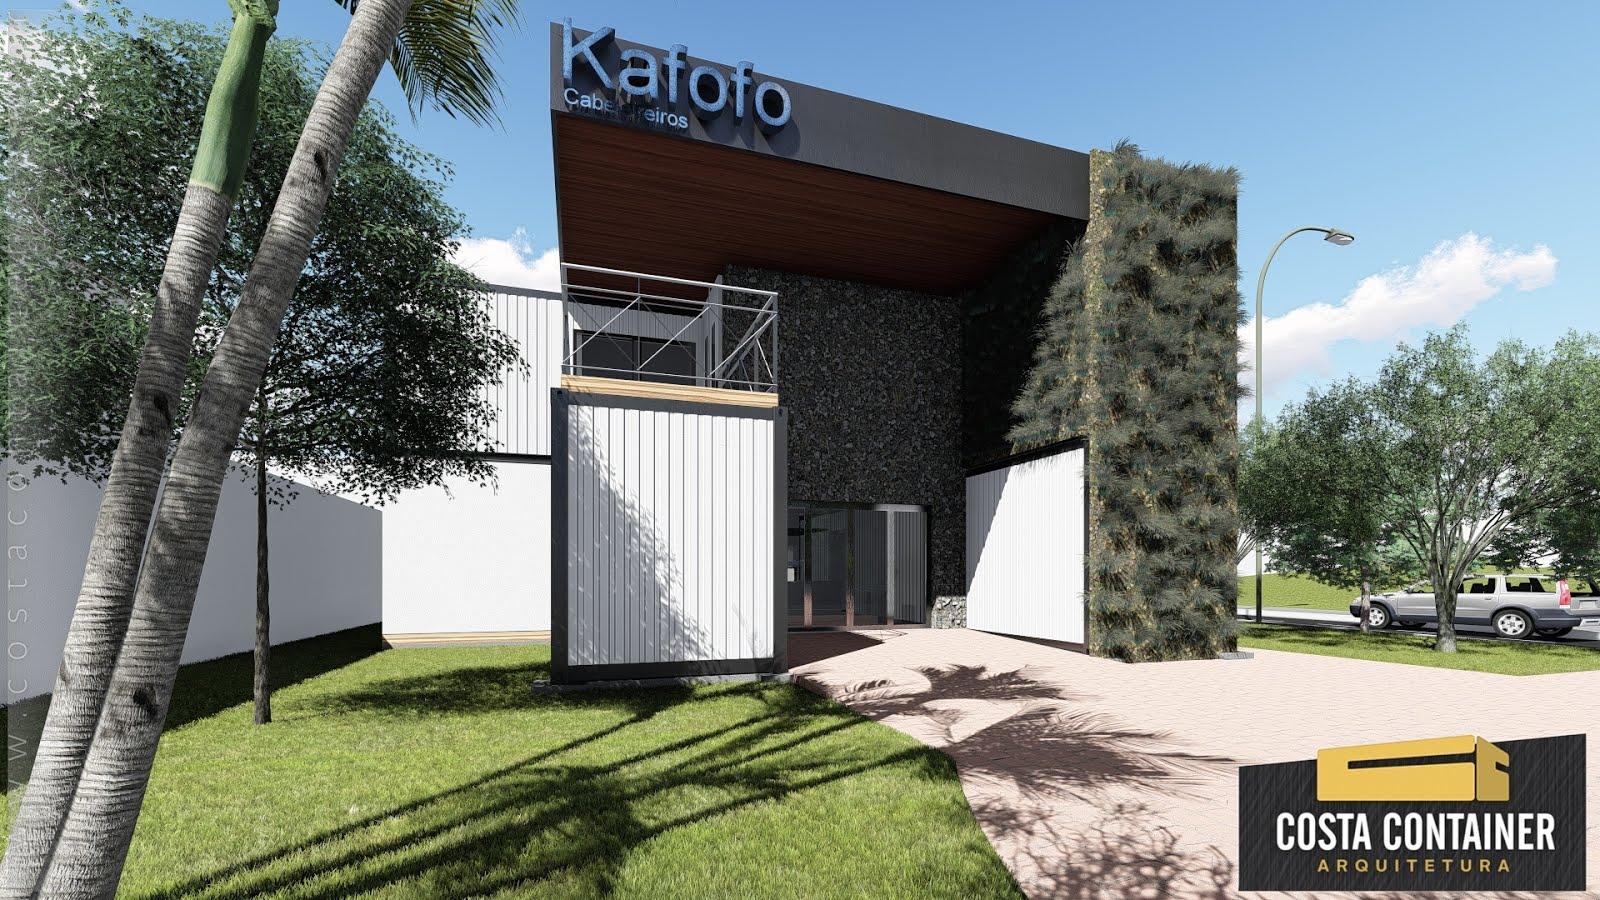 Kafofo%2B-02.jpg